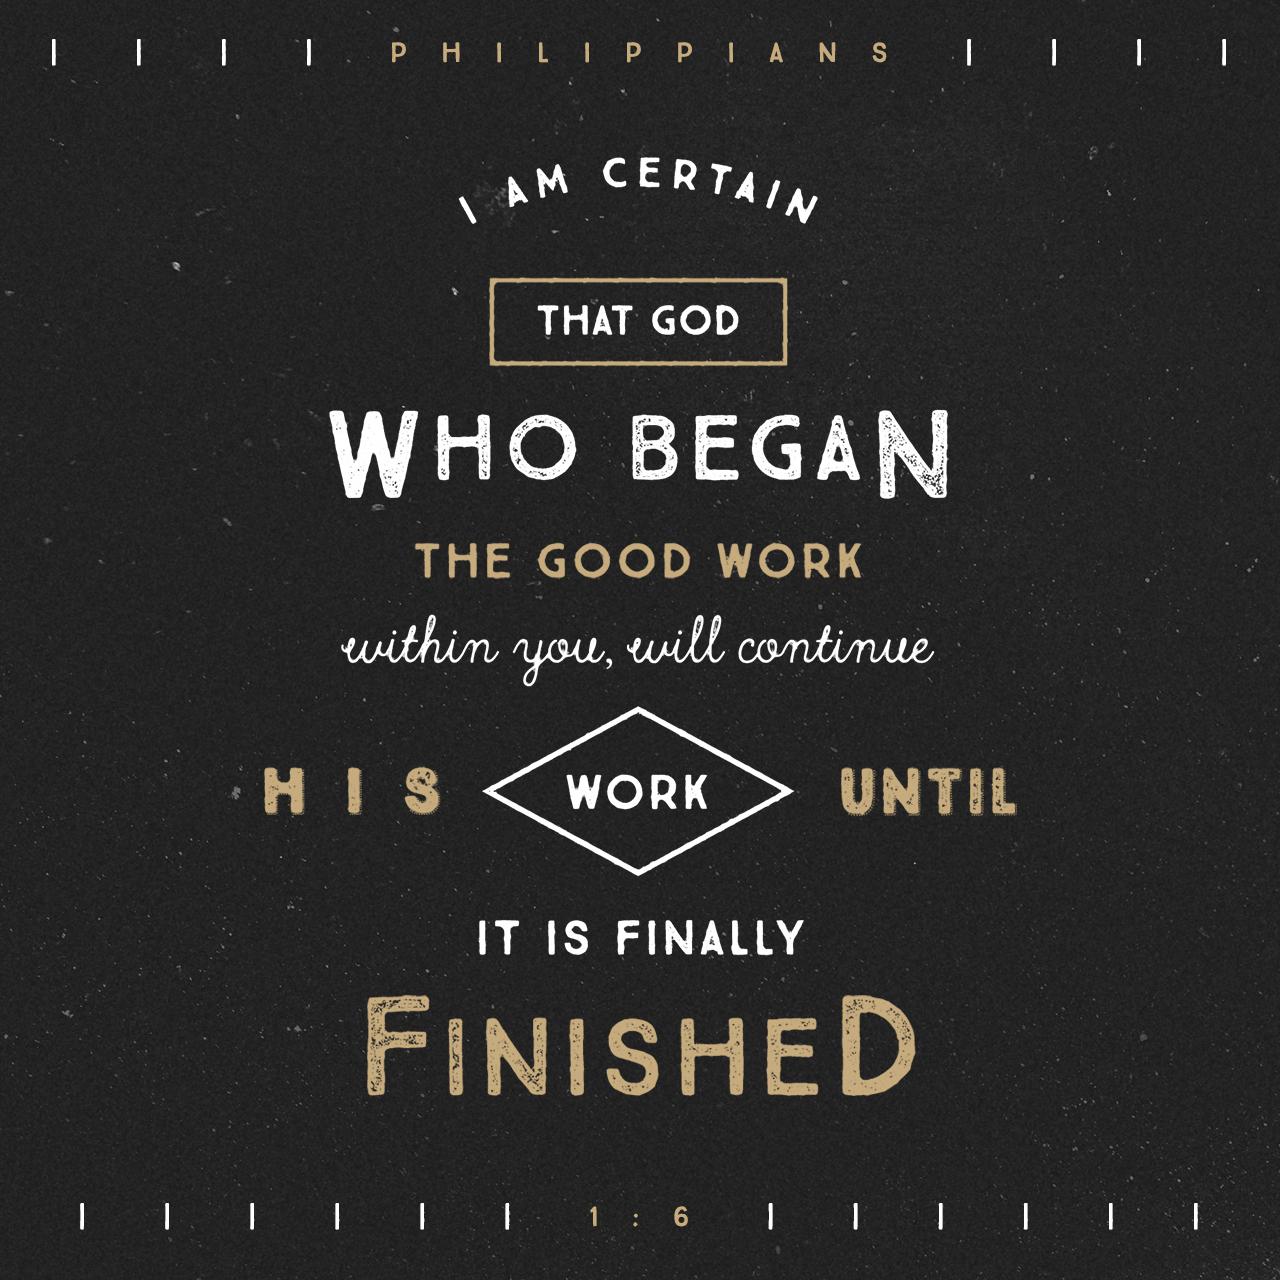 Philippians 1:6